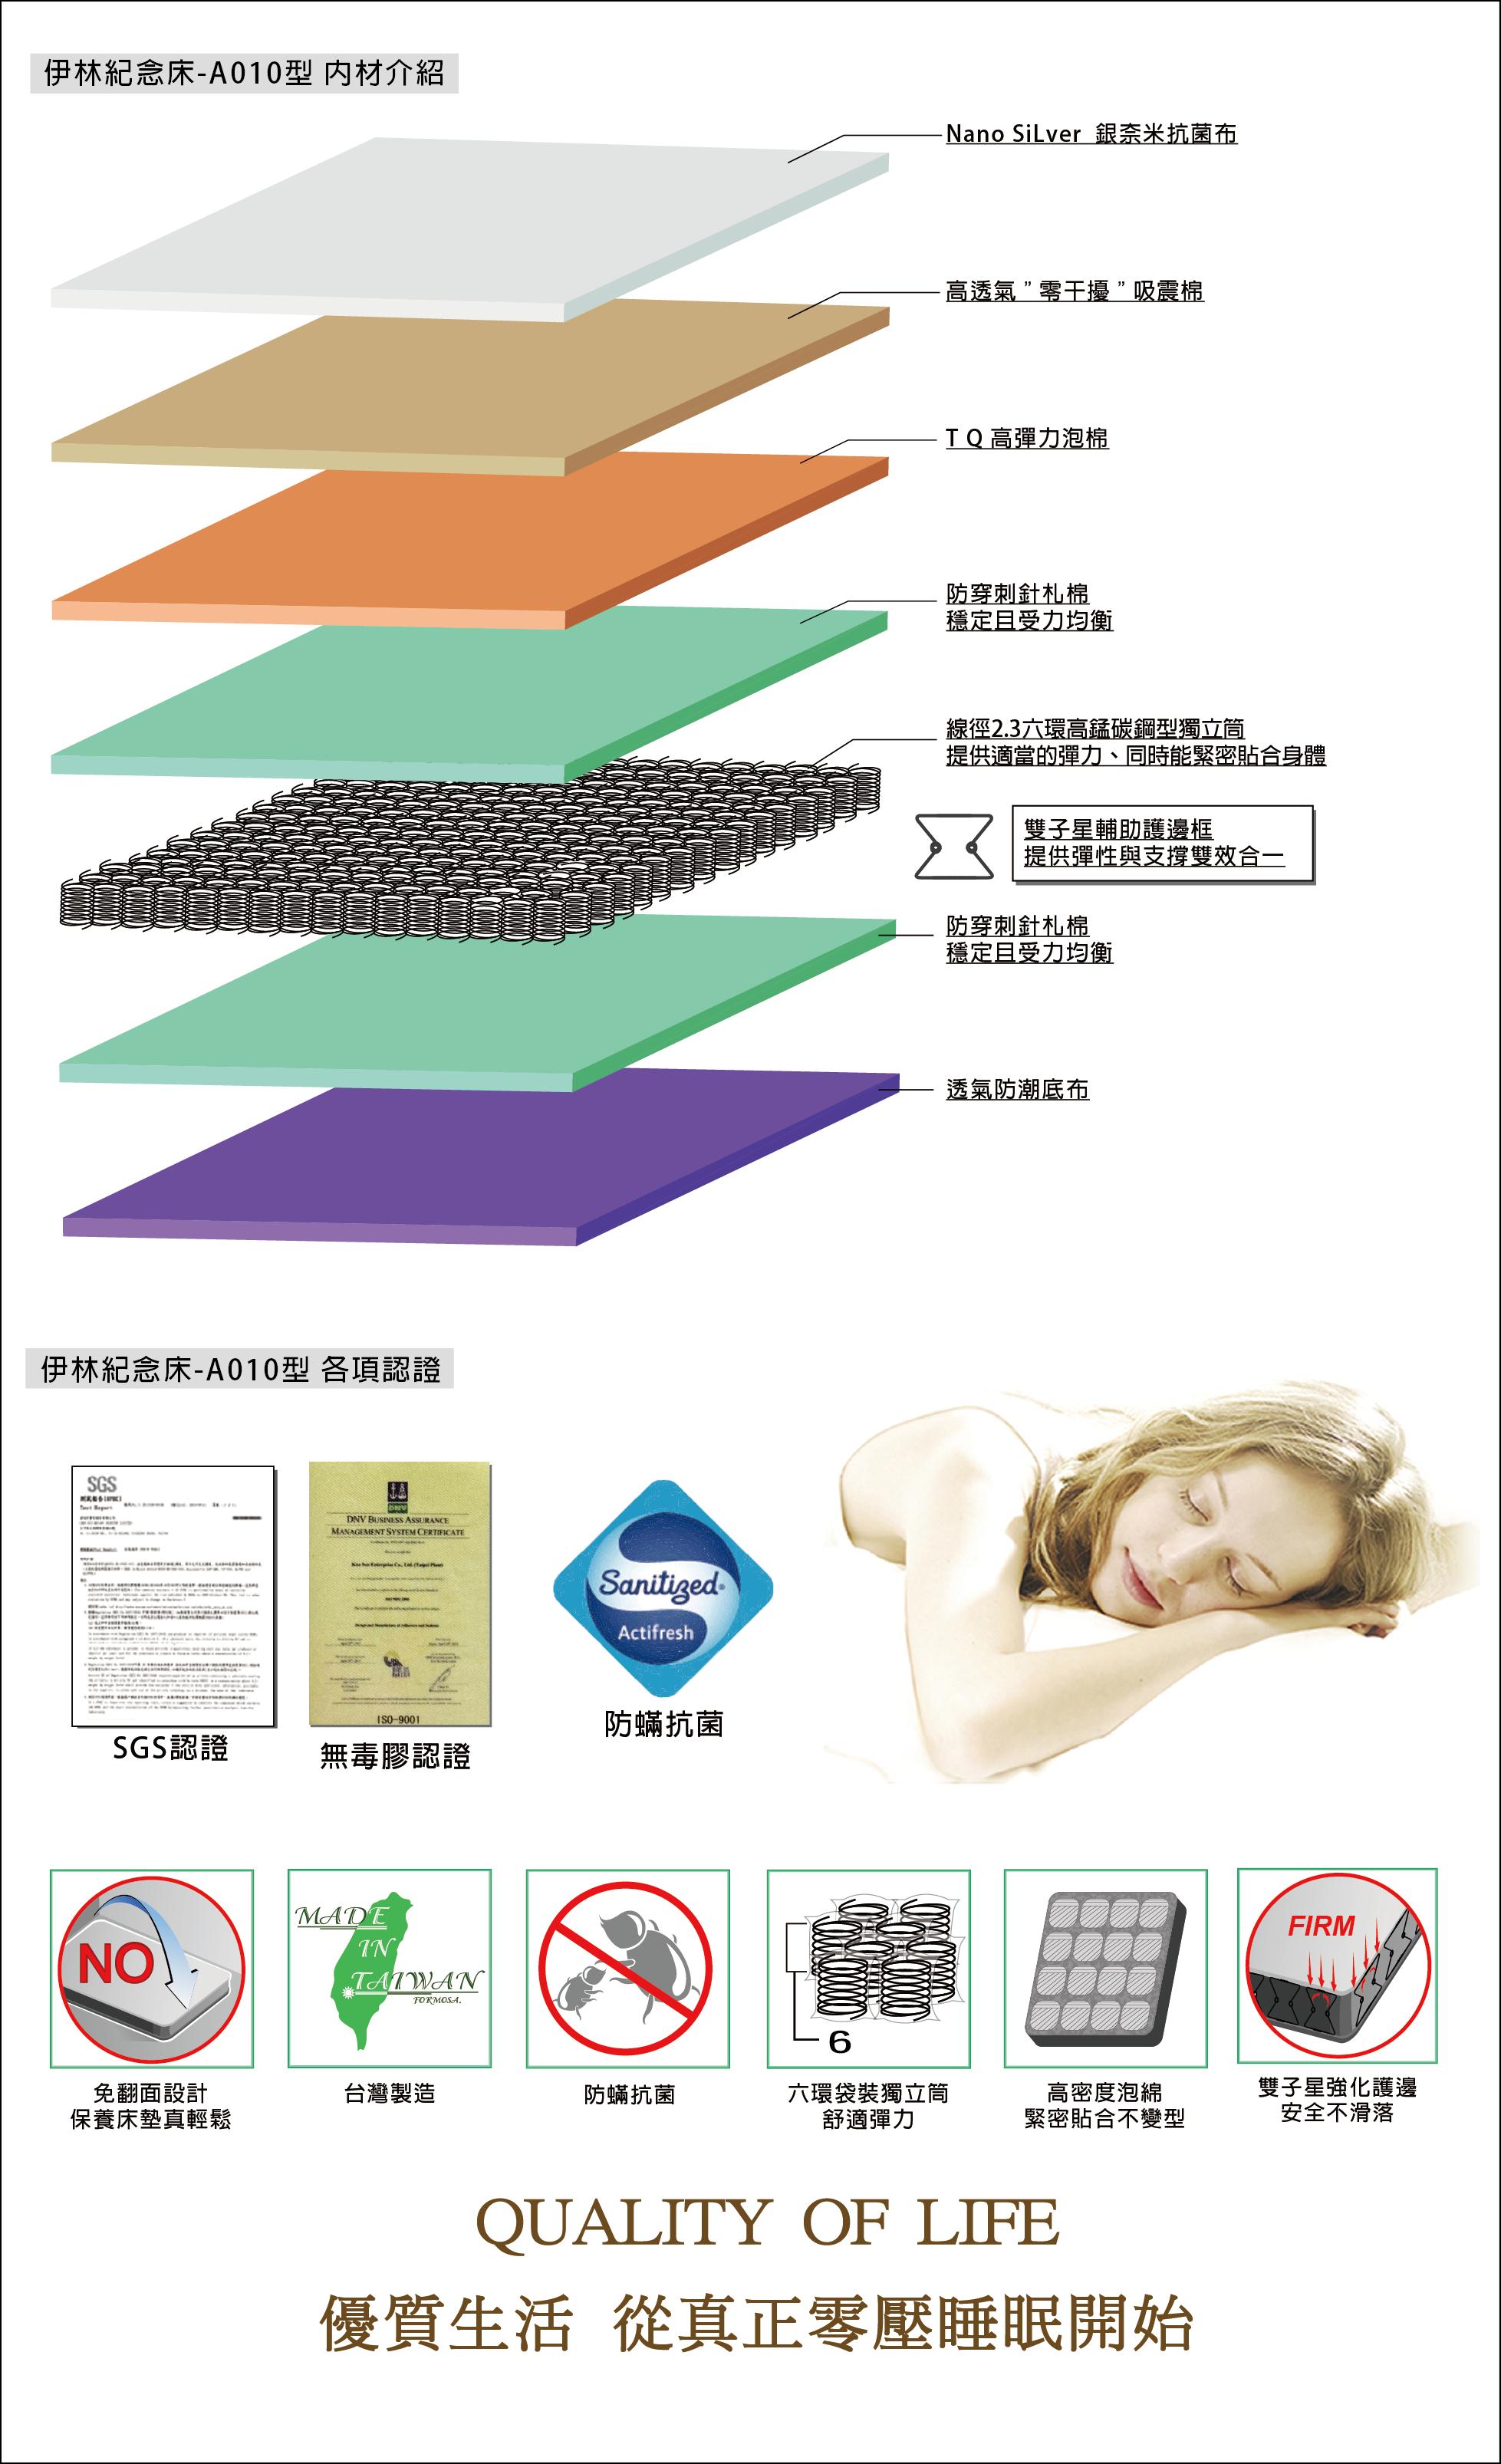 依林紀念床床 A010型(解剖圖)